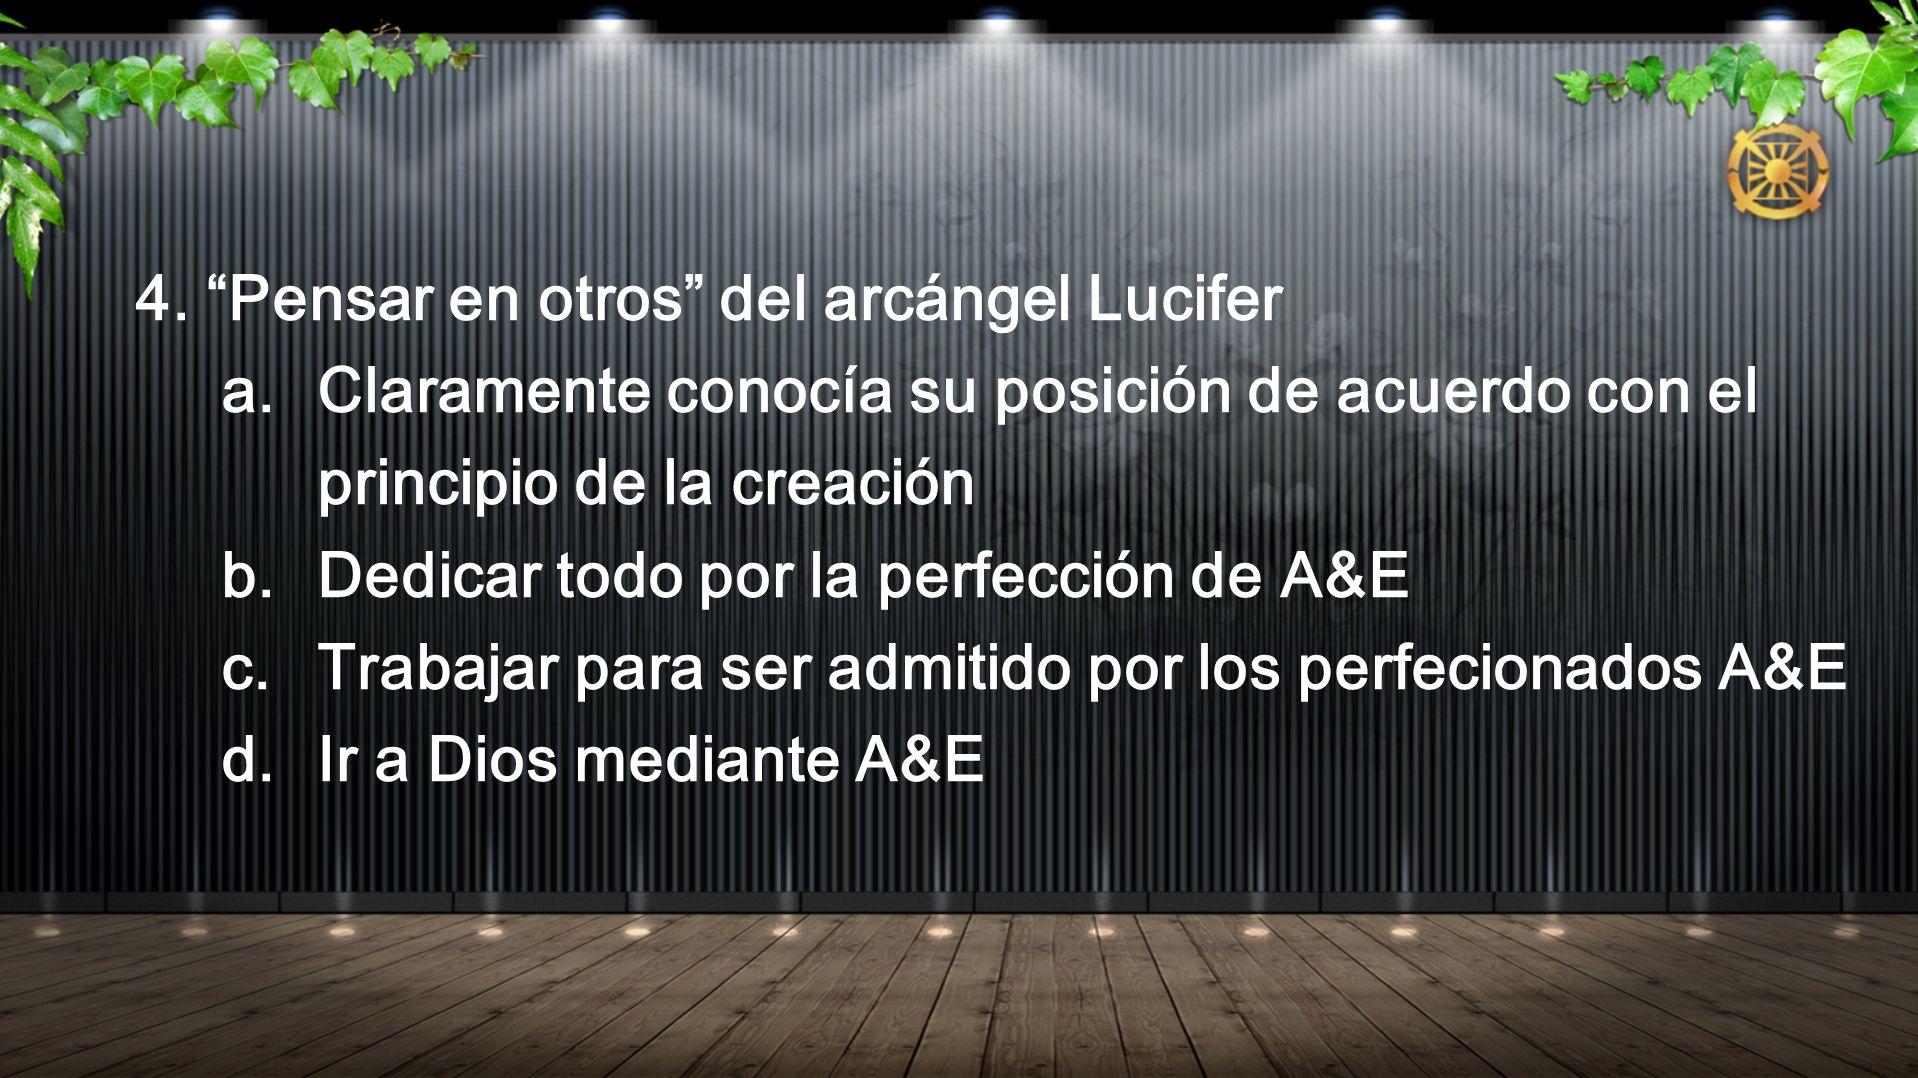 4. Pensar en otros del arcángel Lucifer